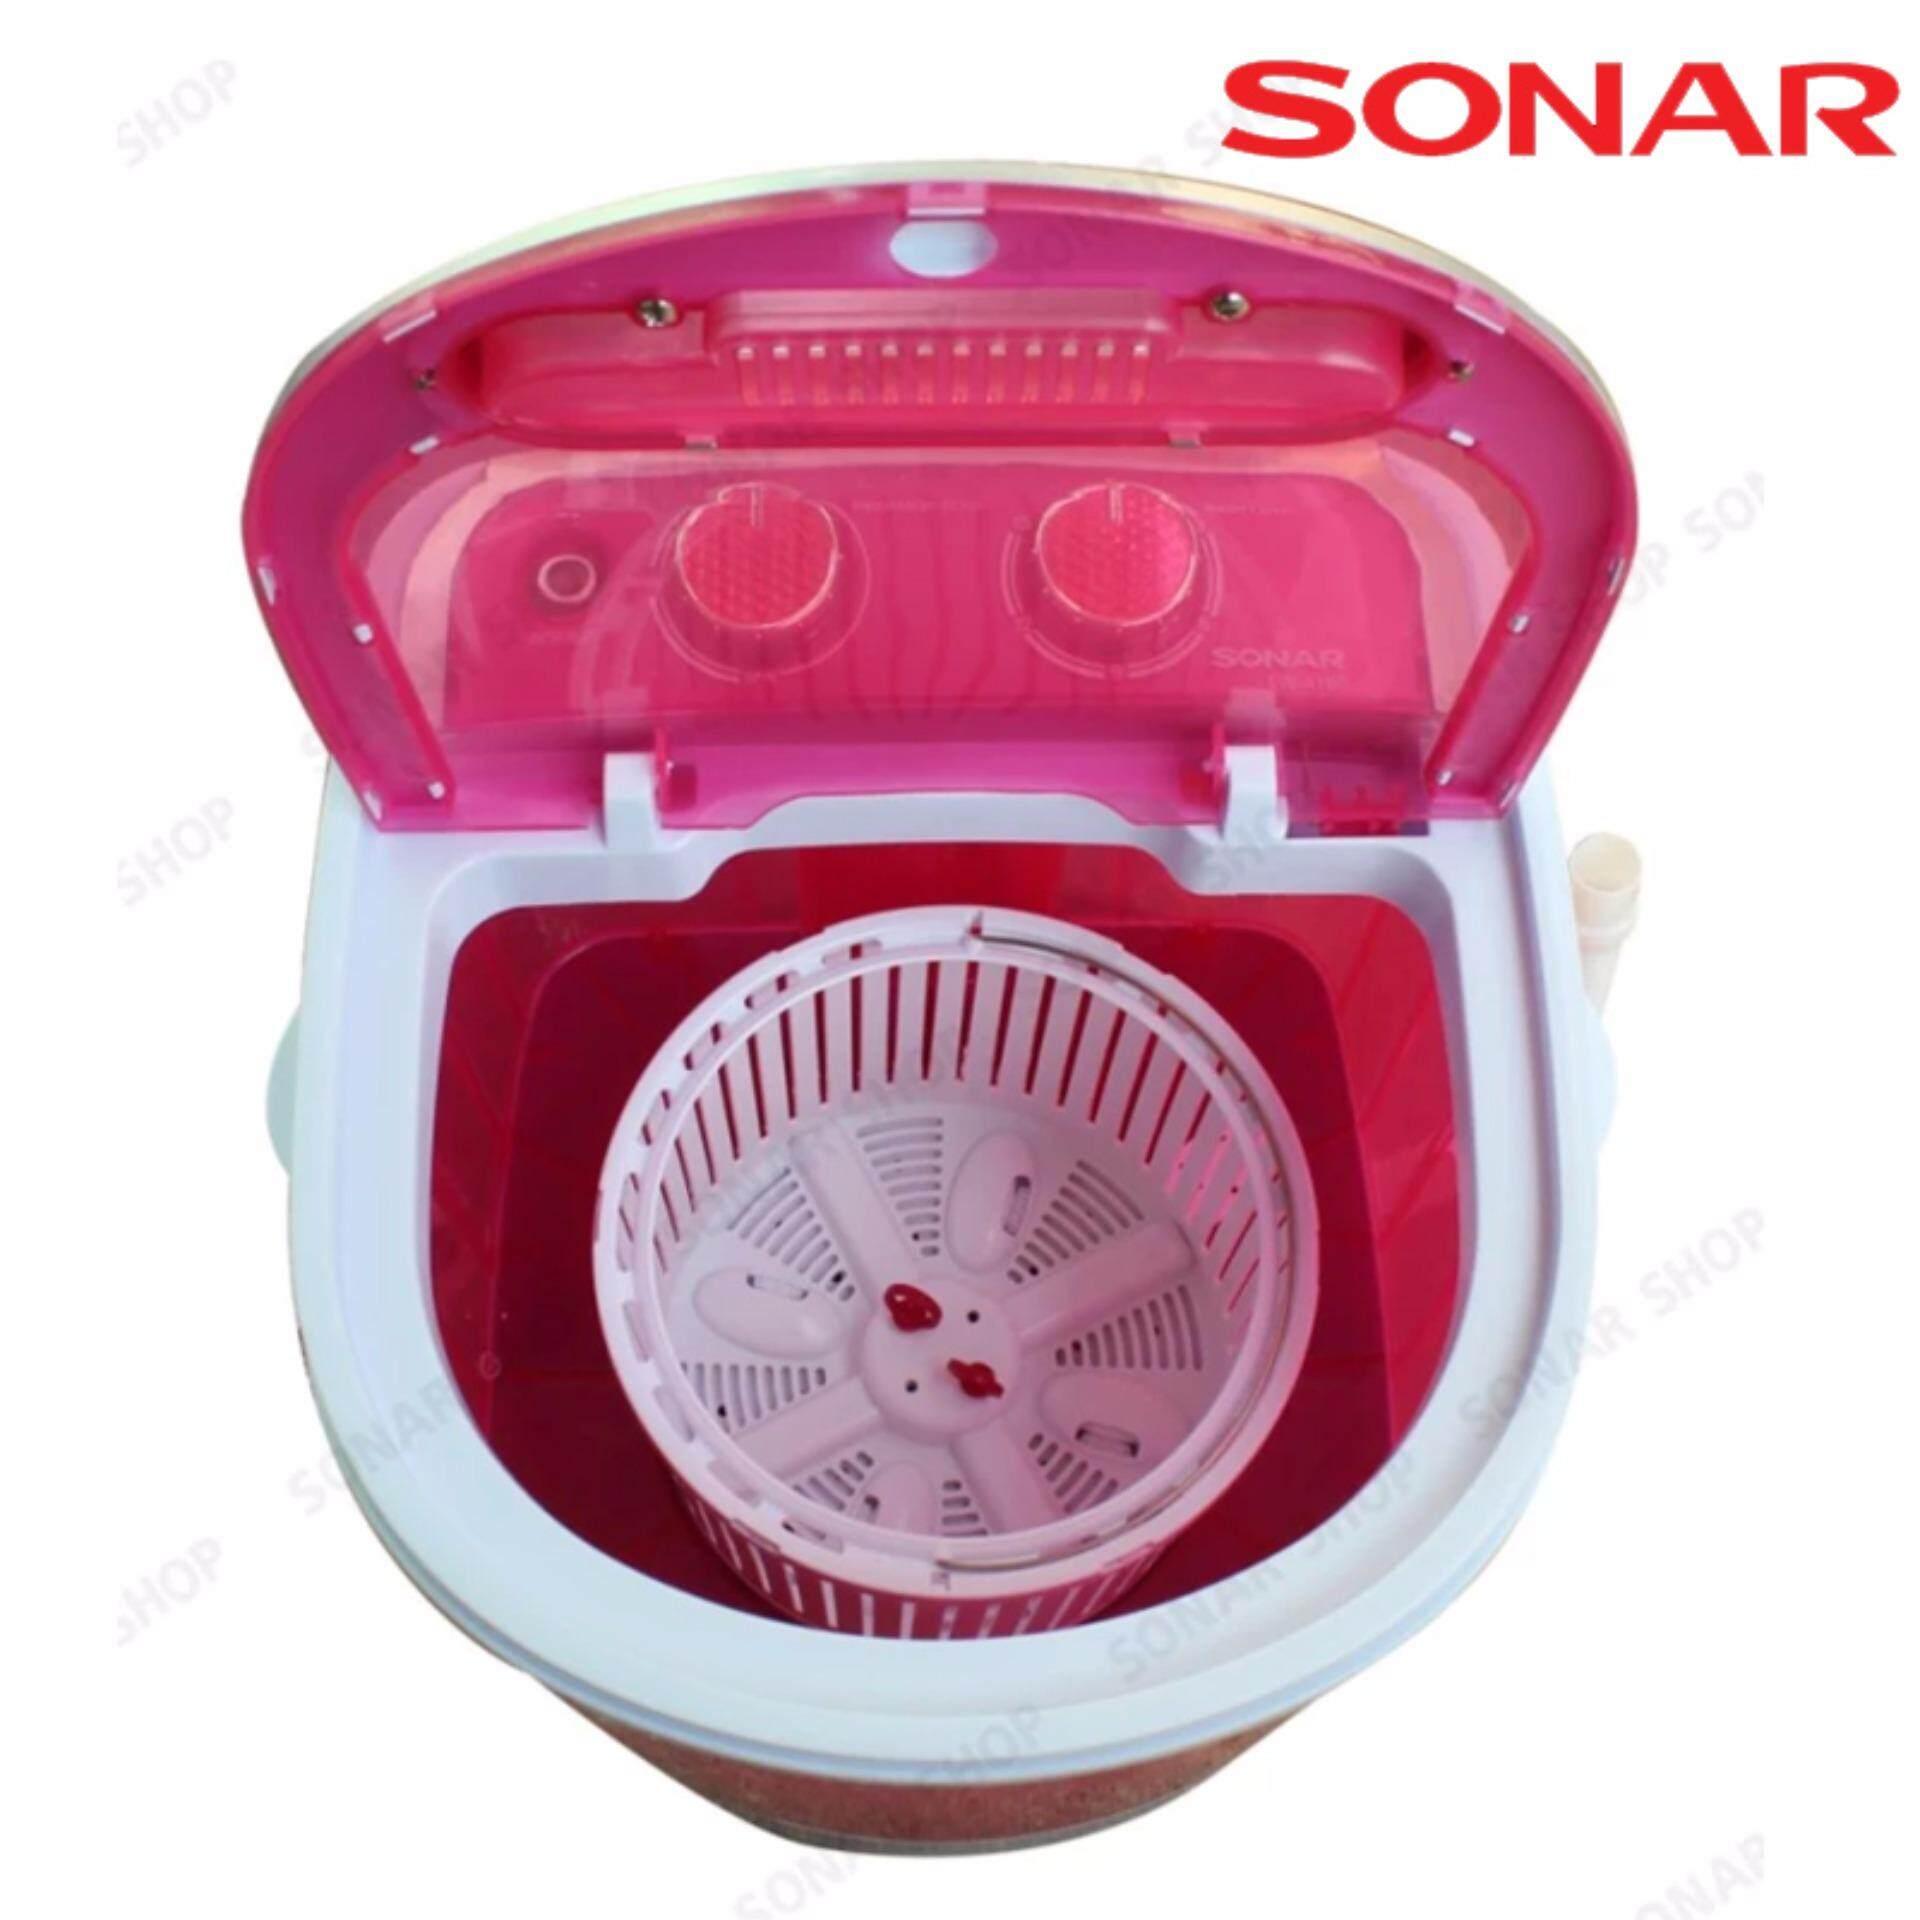 ของแท้และส่งฟรี เครื่องซักผ้า ซัมซุง ลดราคา -60% เครื่องซักผ้าฝาบน Samsung WA18M8700GW Activ dualwash, 18 KG. (สี White) รีวิวดีที่สุด อันดับ1